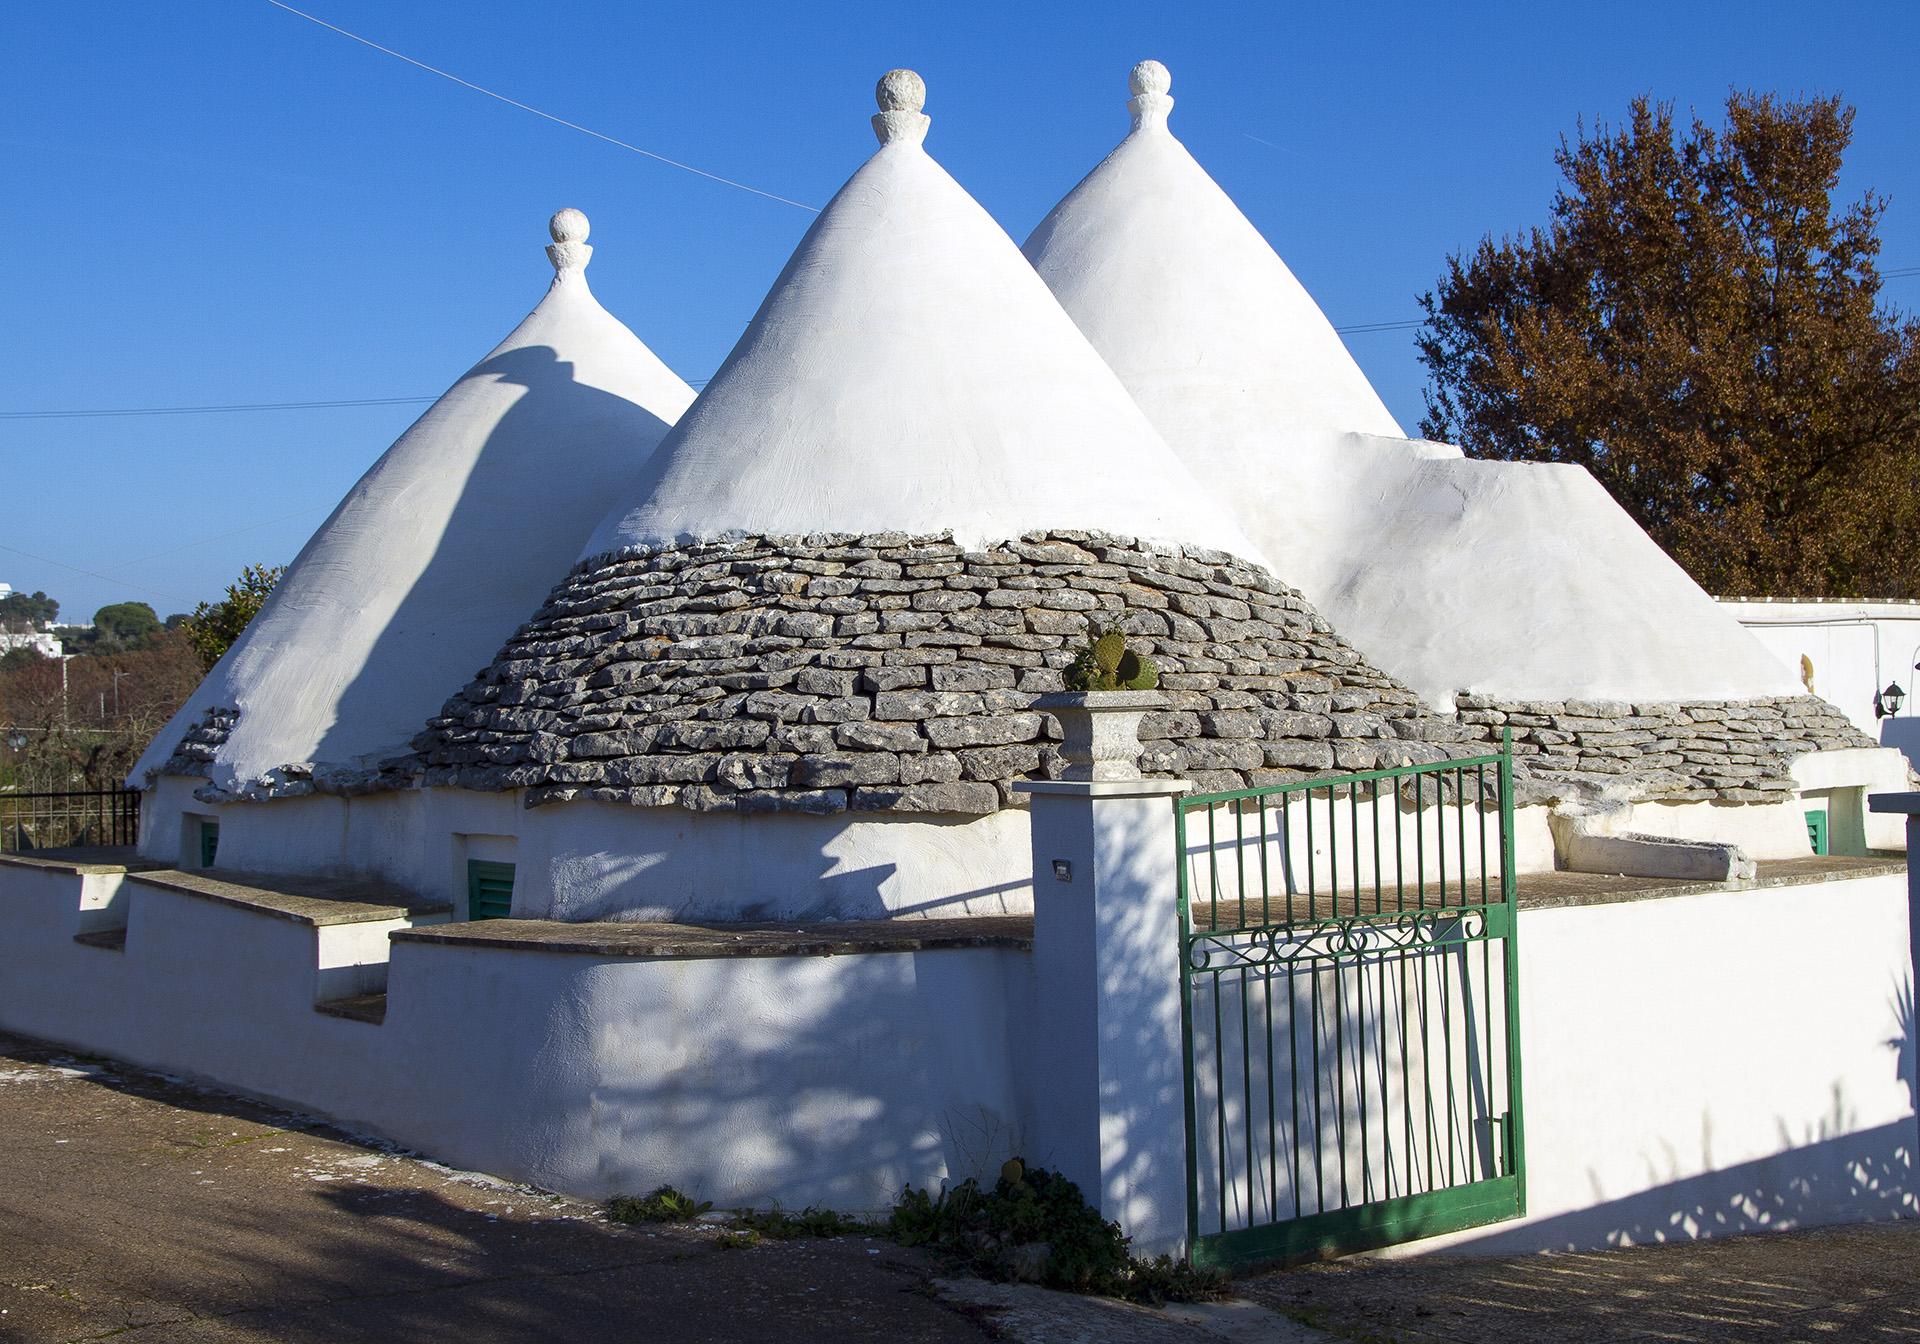 Vacanze in trullo contrada cervillo Cisternino Ostuni Alberobello Martina Franca Locorotondo